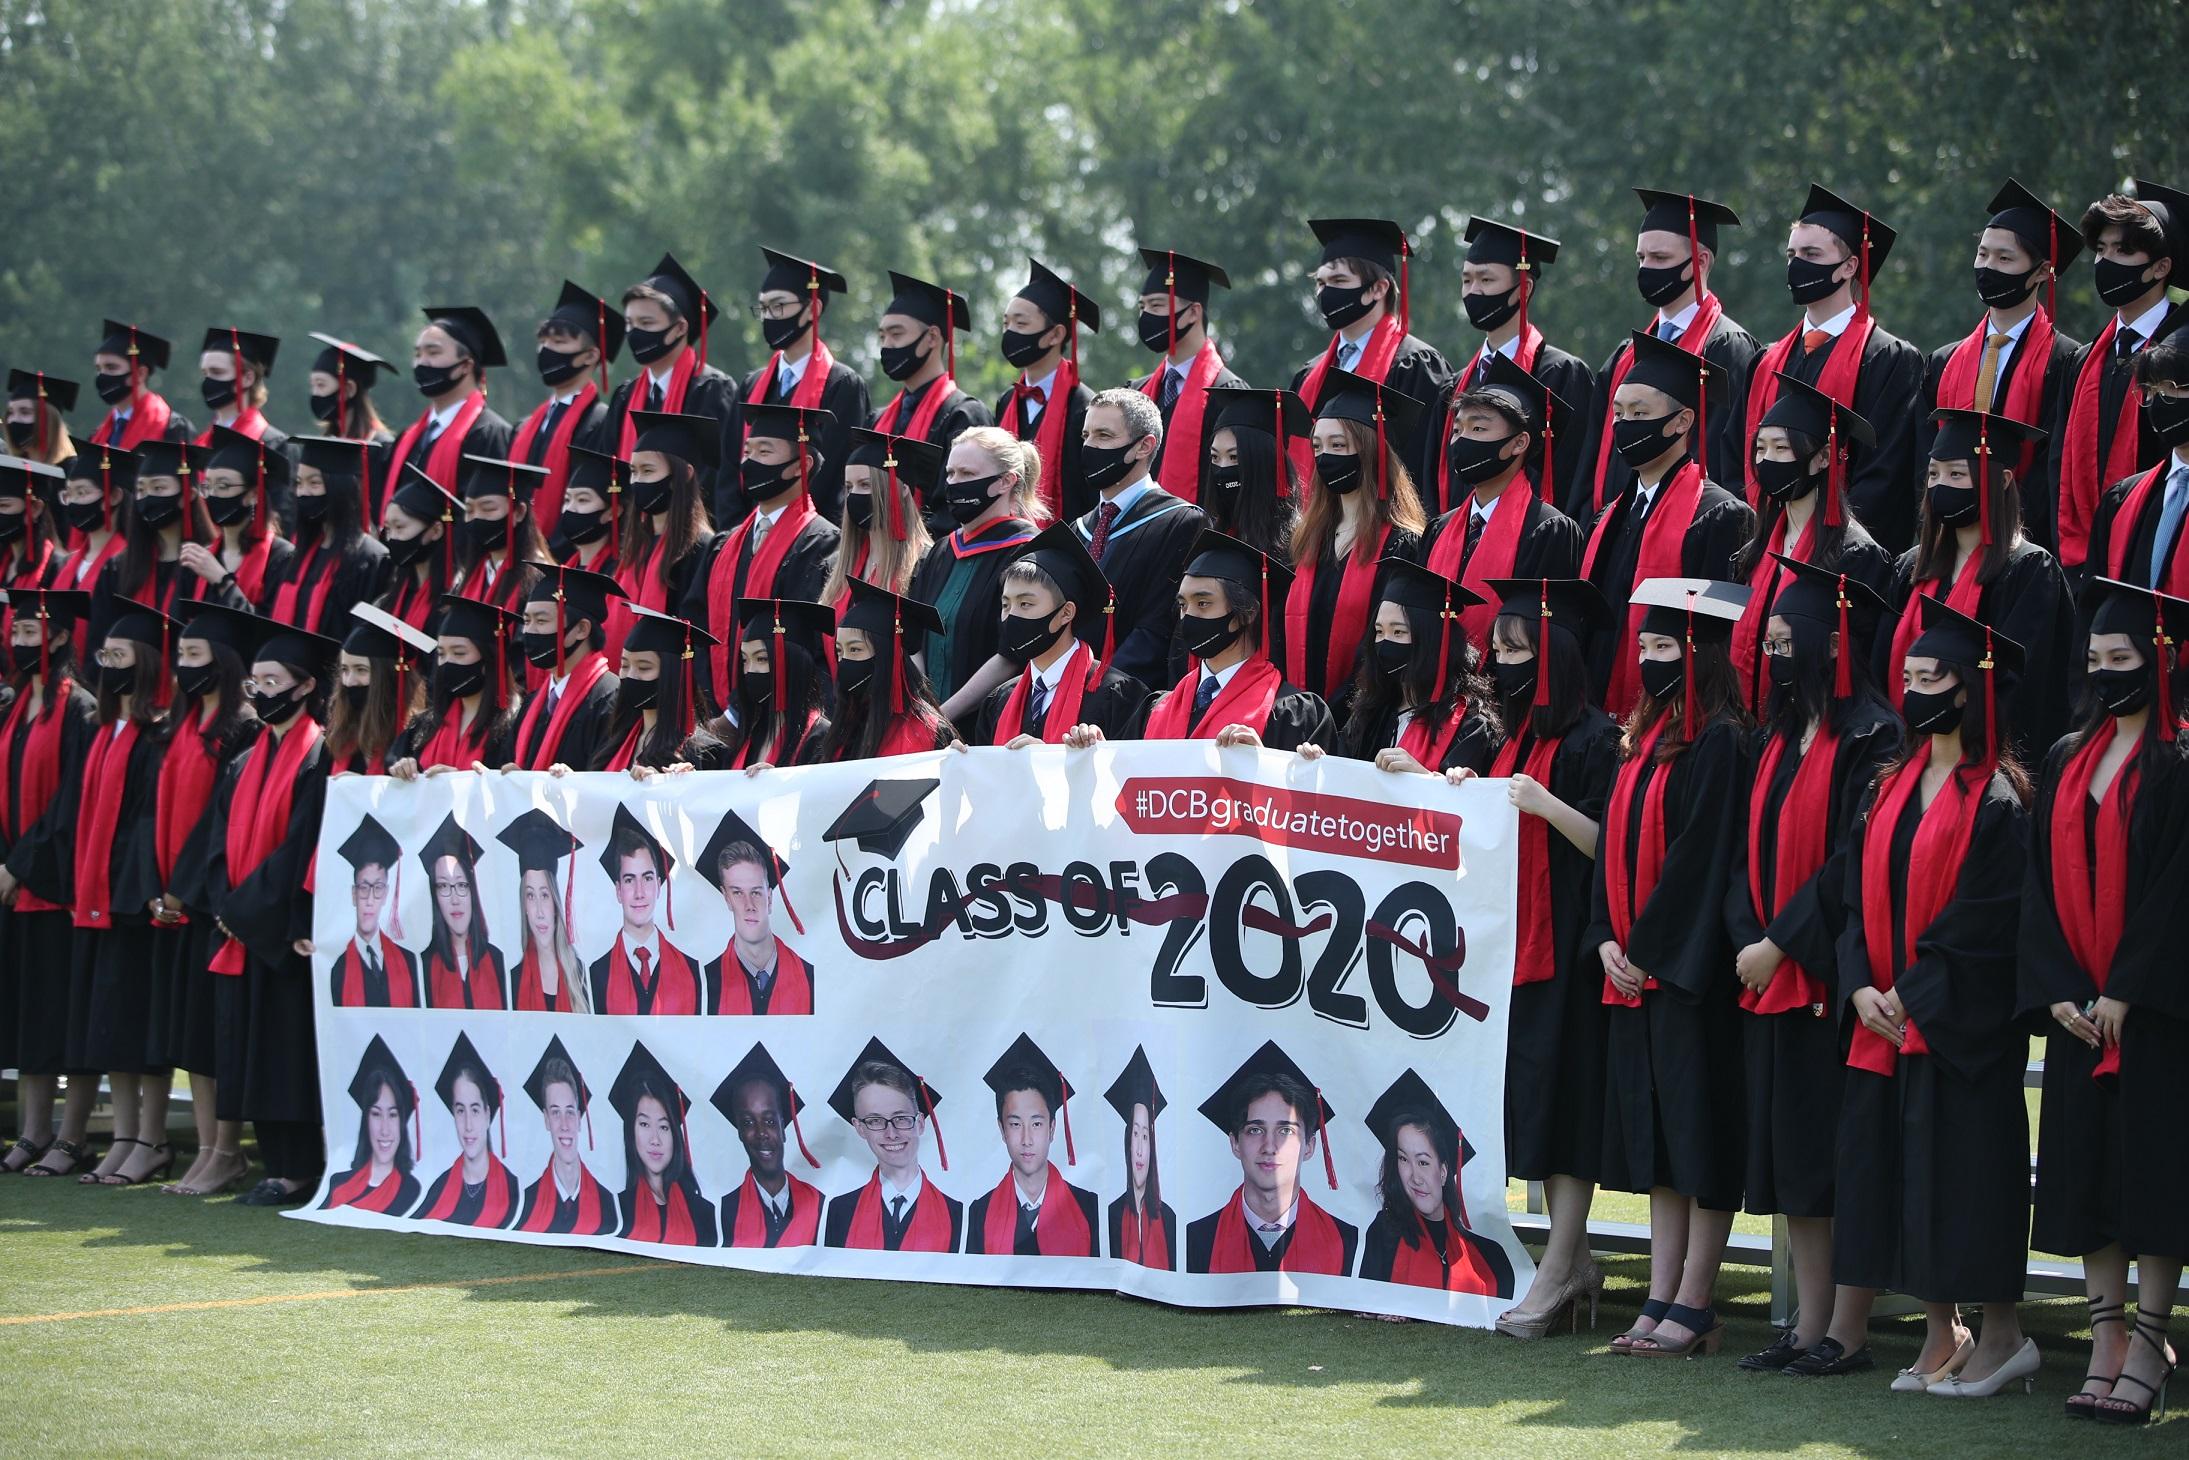 graduation-2020-2jpg-北京德威英国国际学校-20200701-110838-873